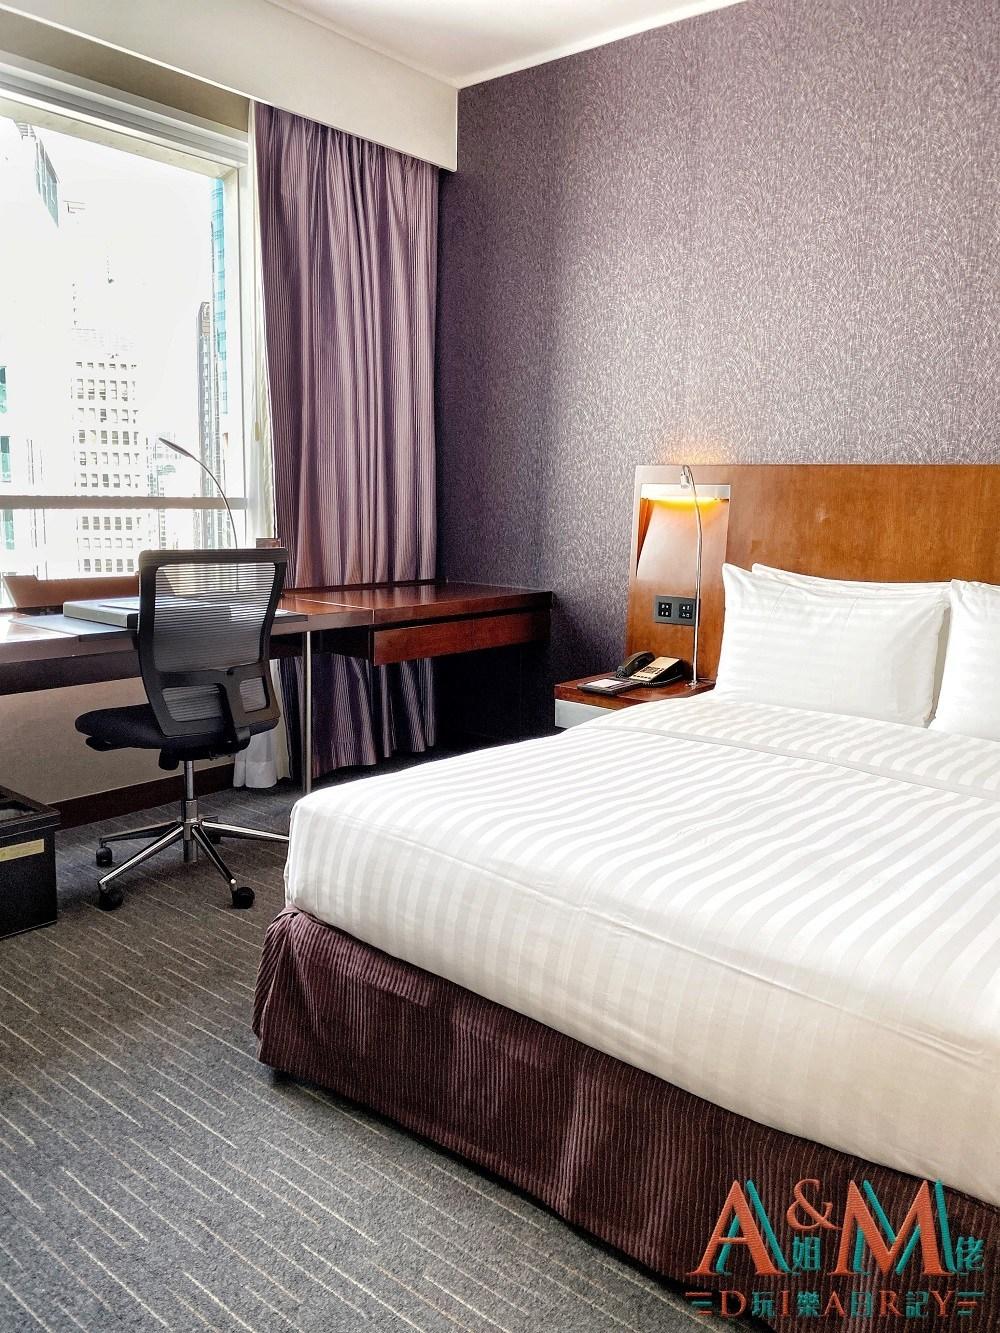 〈好遊〉香港Staycation之選 灣仔諾富特世紀酒店